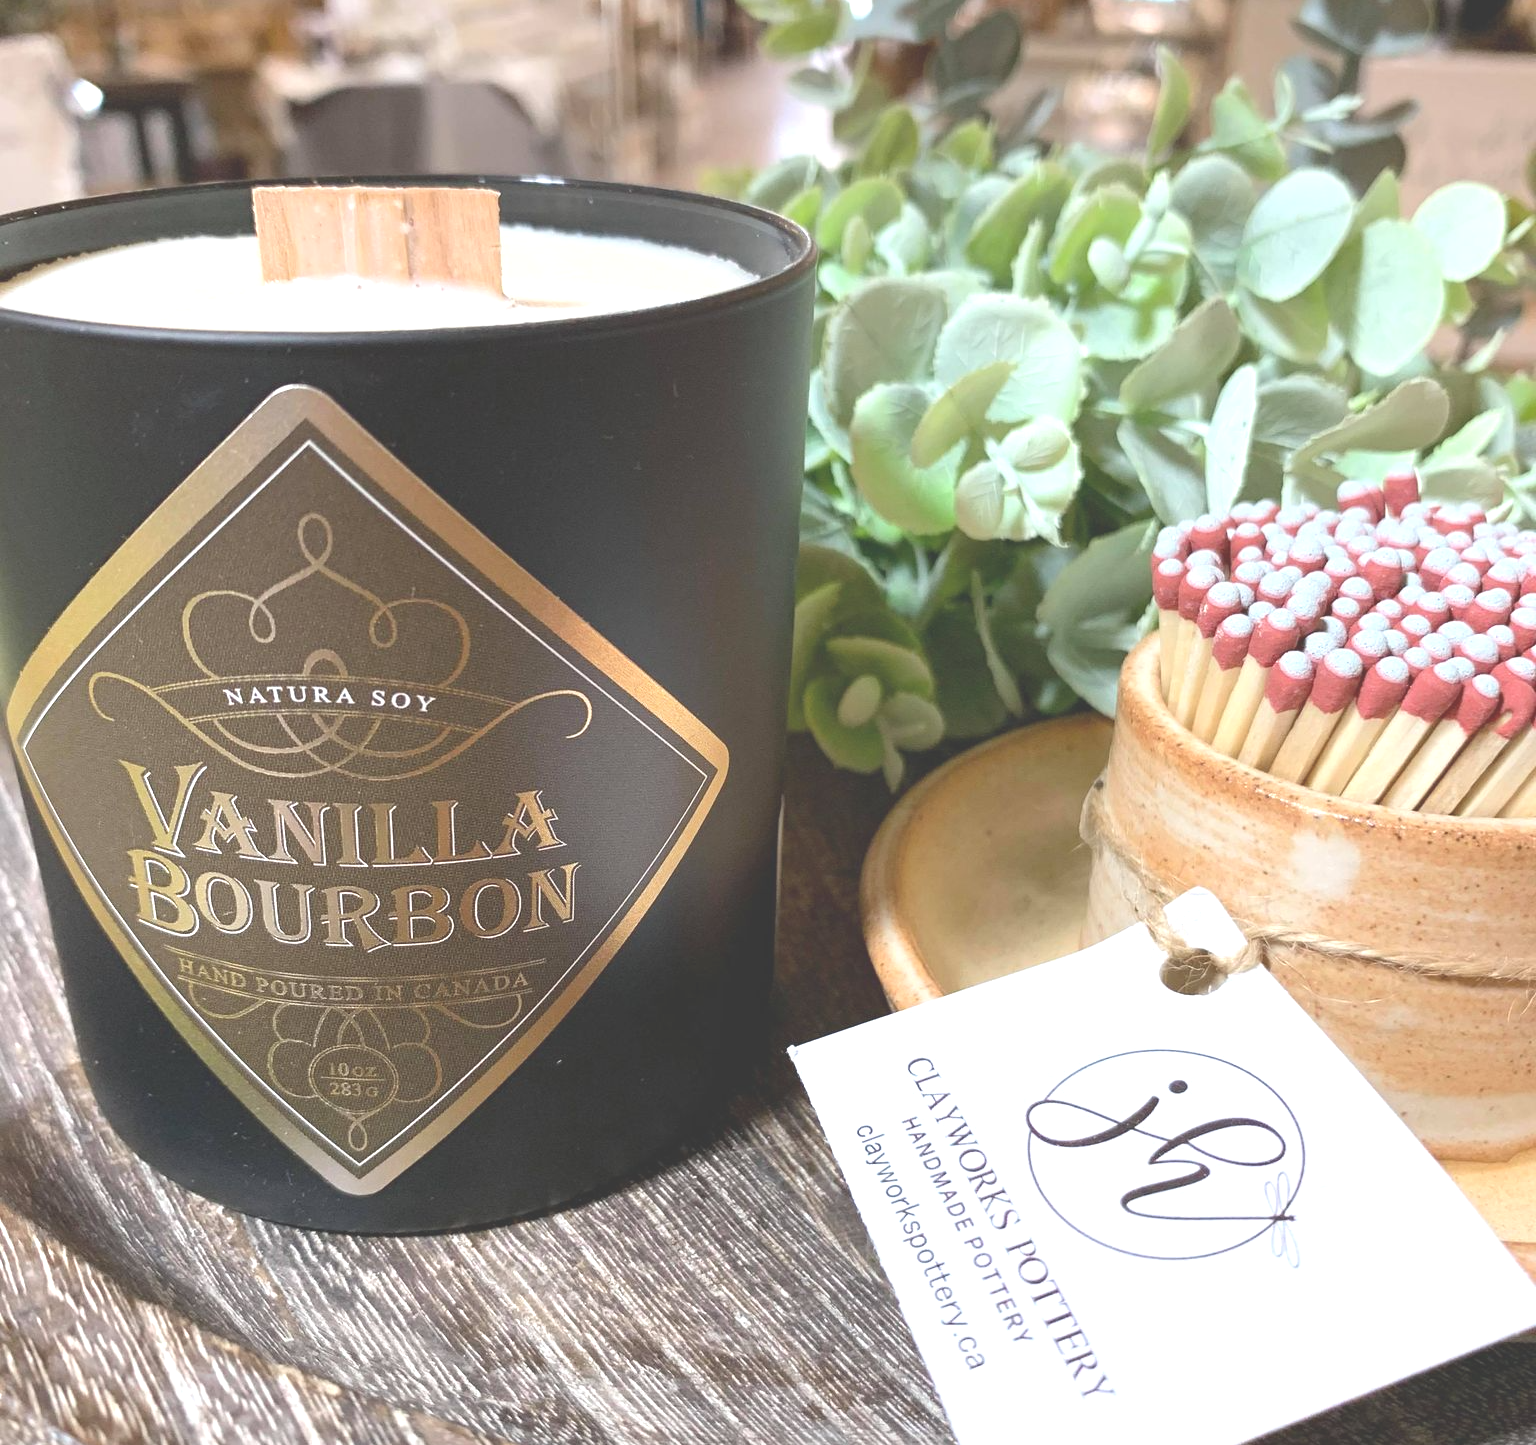 Vanilla Bourbon Vanilla and Oaked Bourbon Whiskey